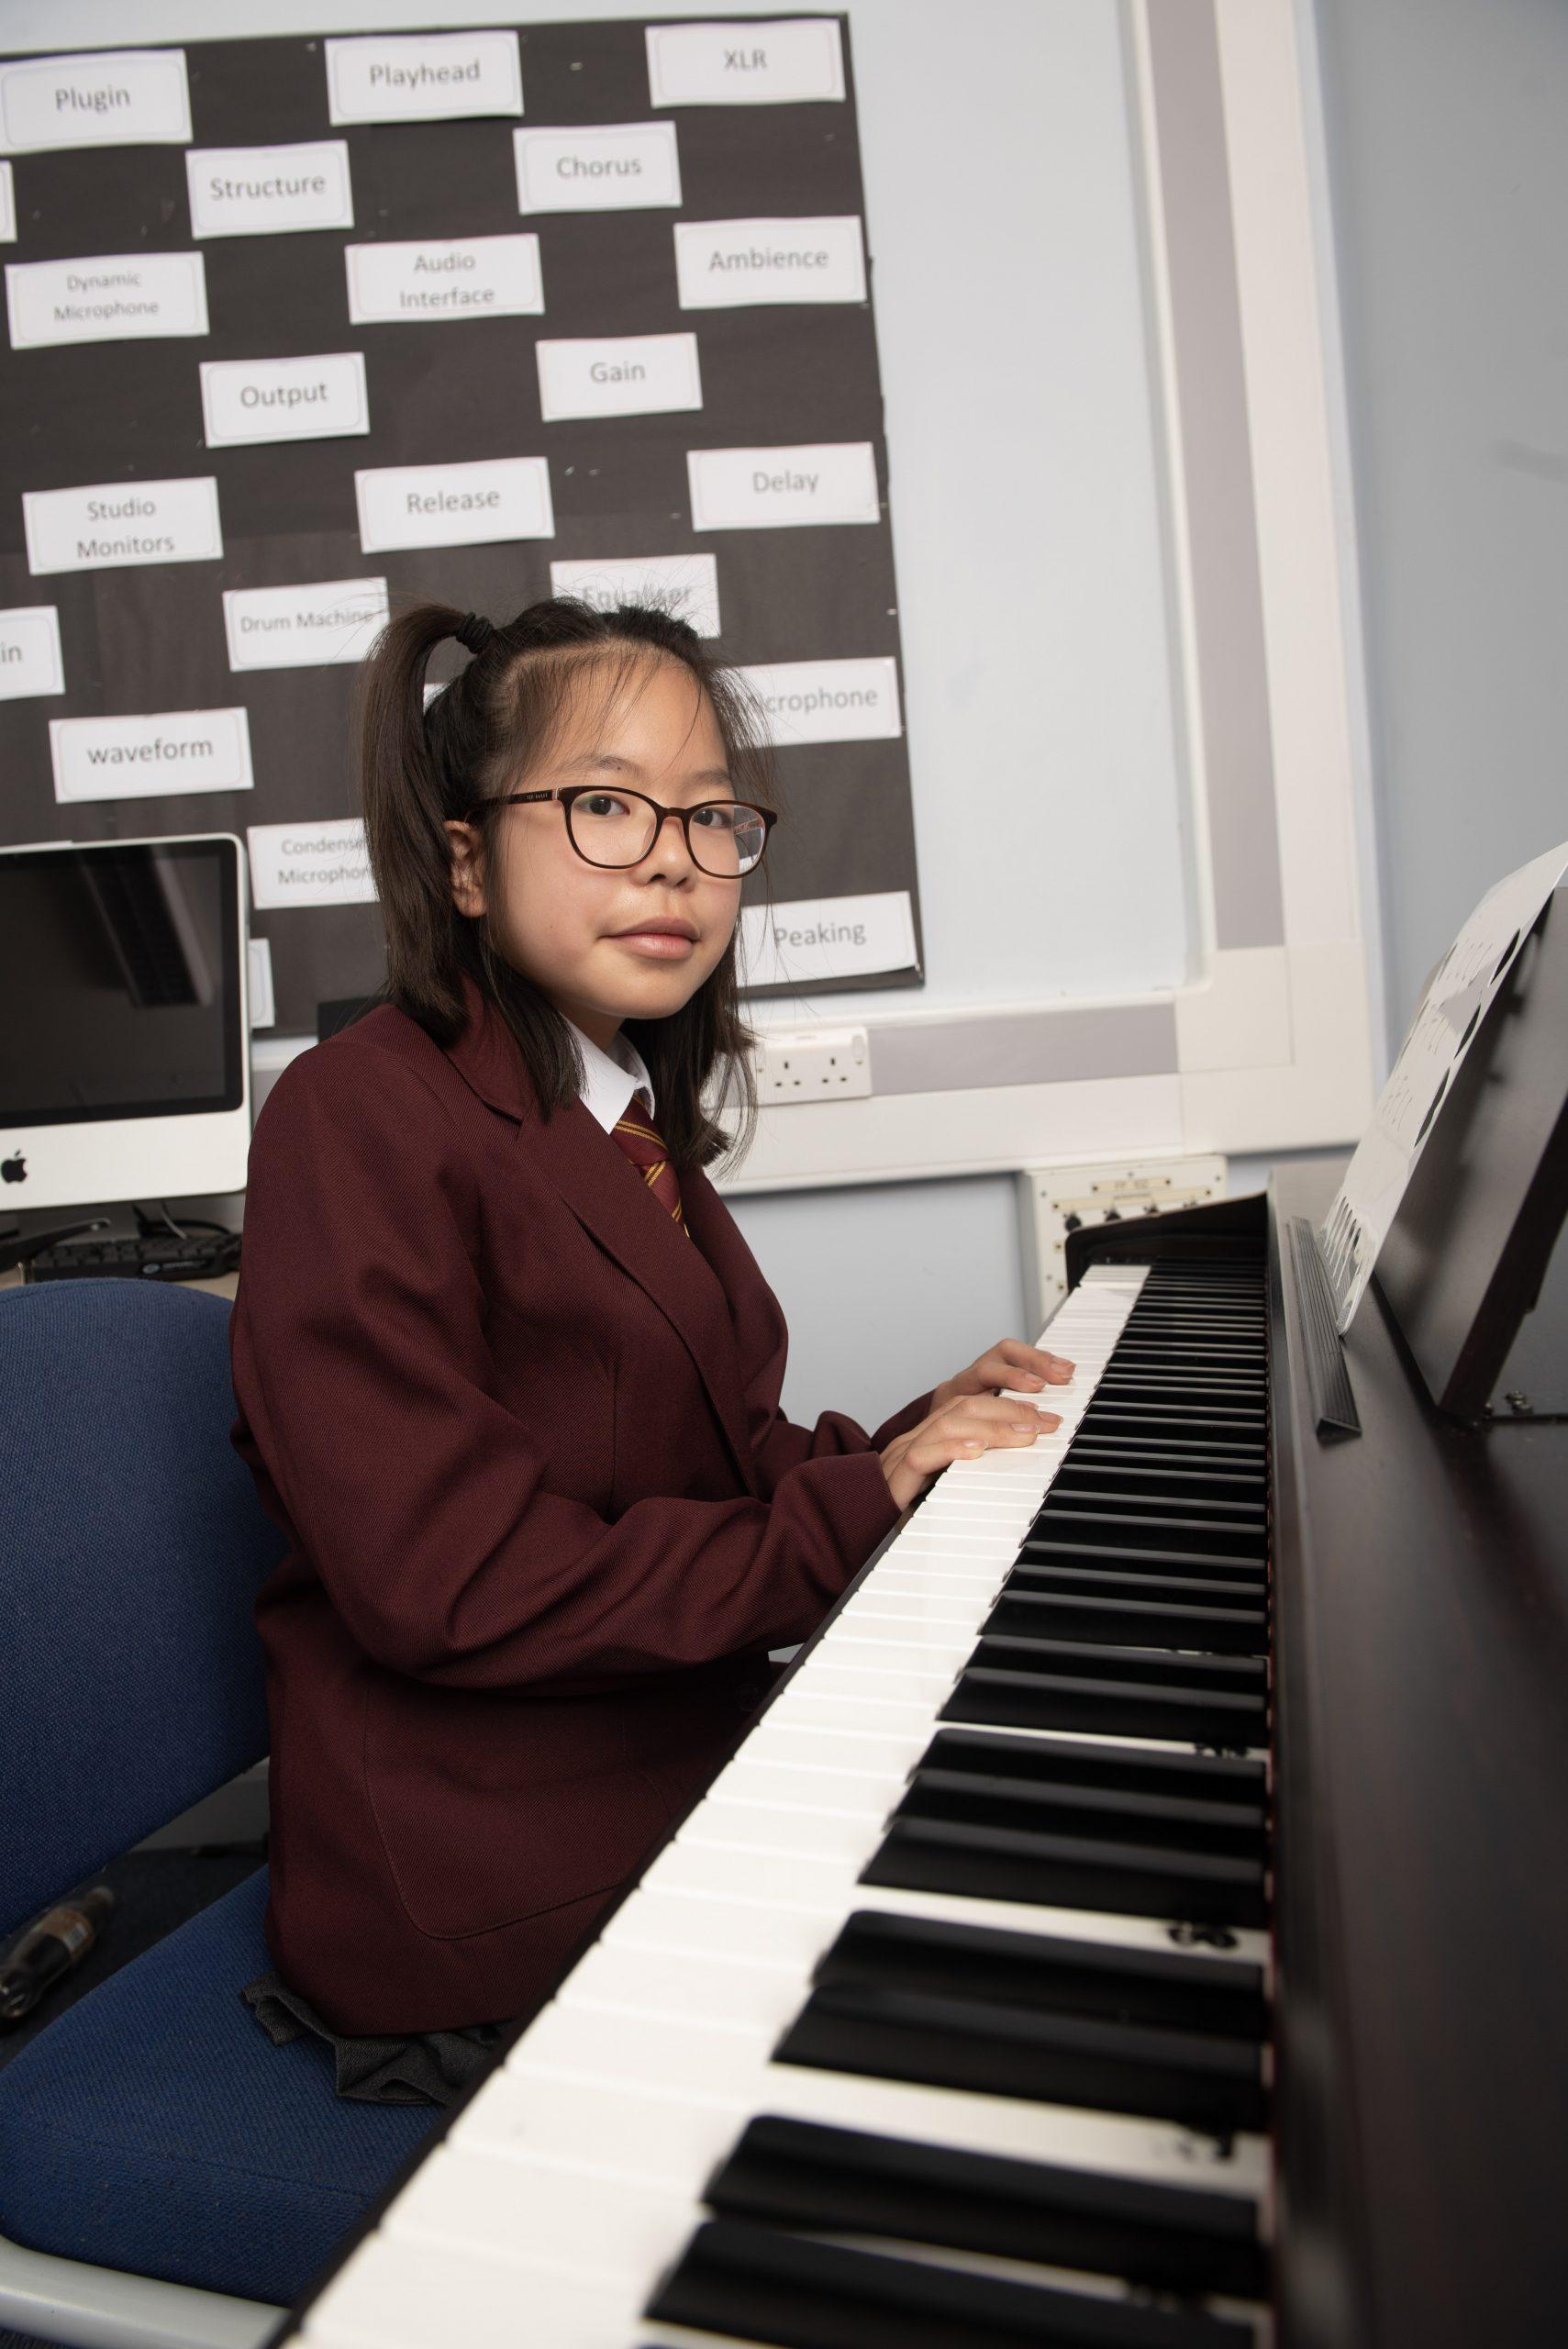 Conisborough-Music-Female-Student-Learning-Piano-Lewisham-4258